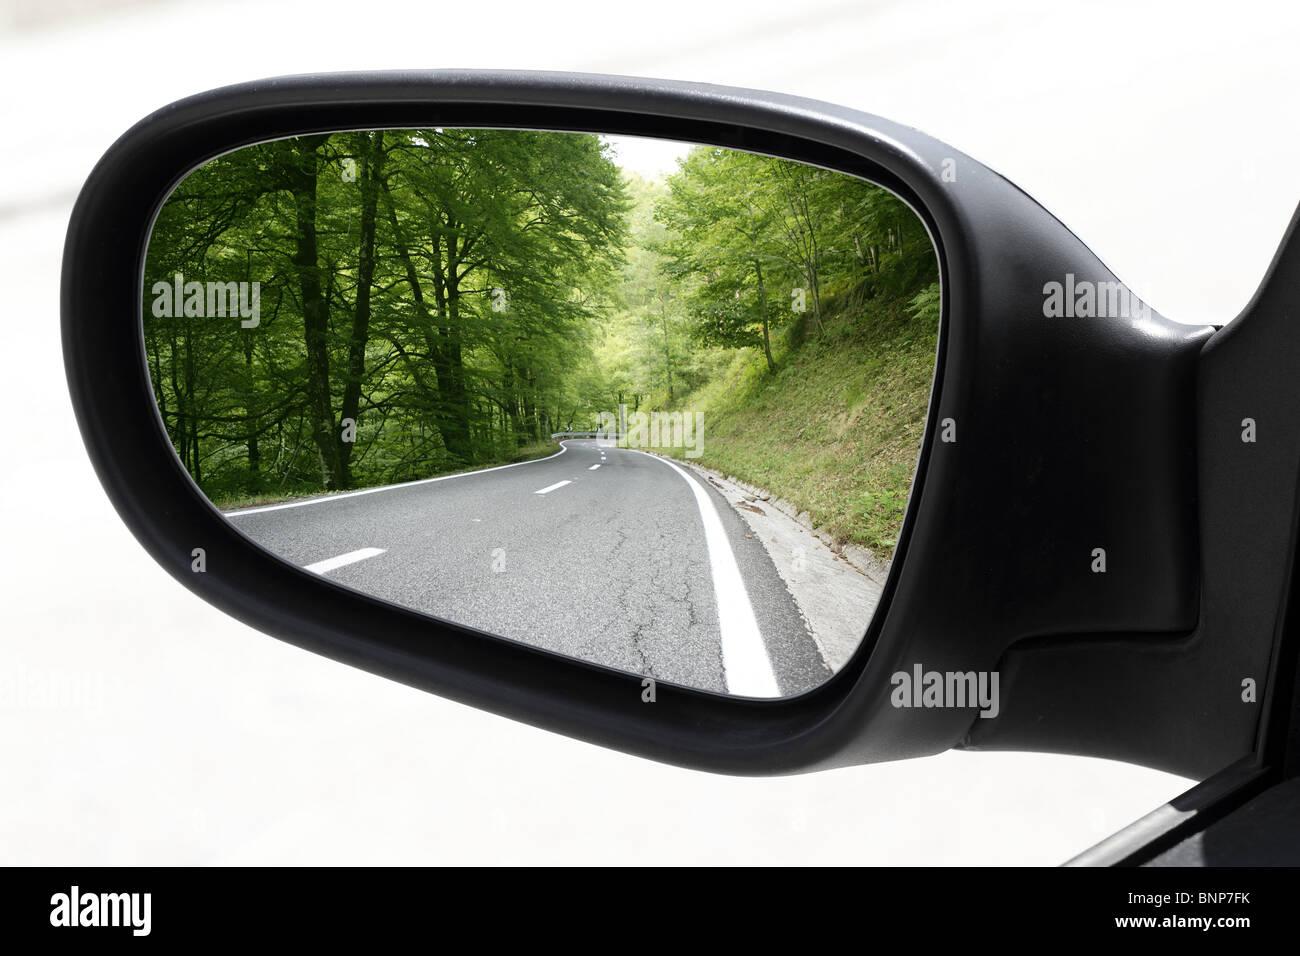 Specchietto di guida auto mirror view foresta verde road Immagini Stock